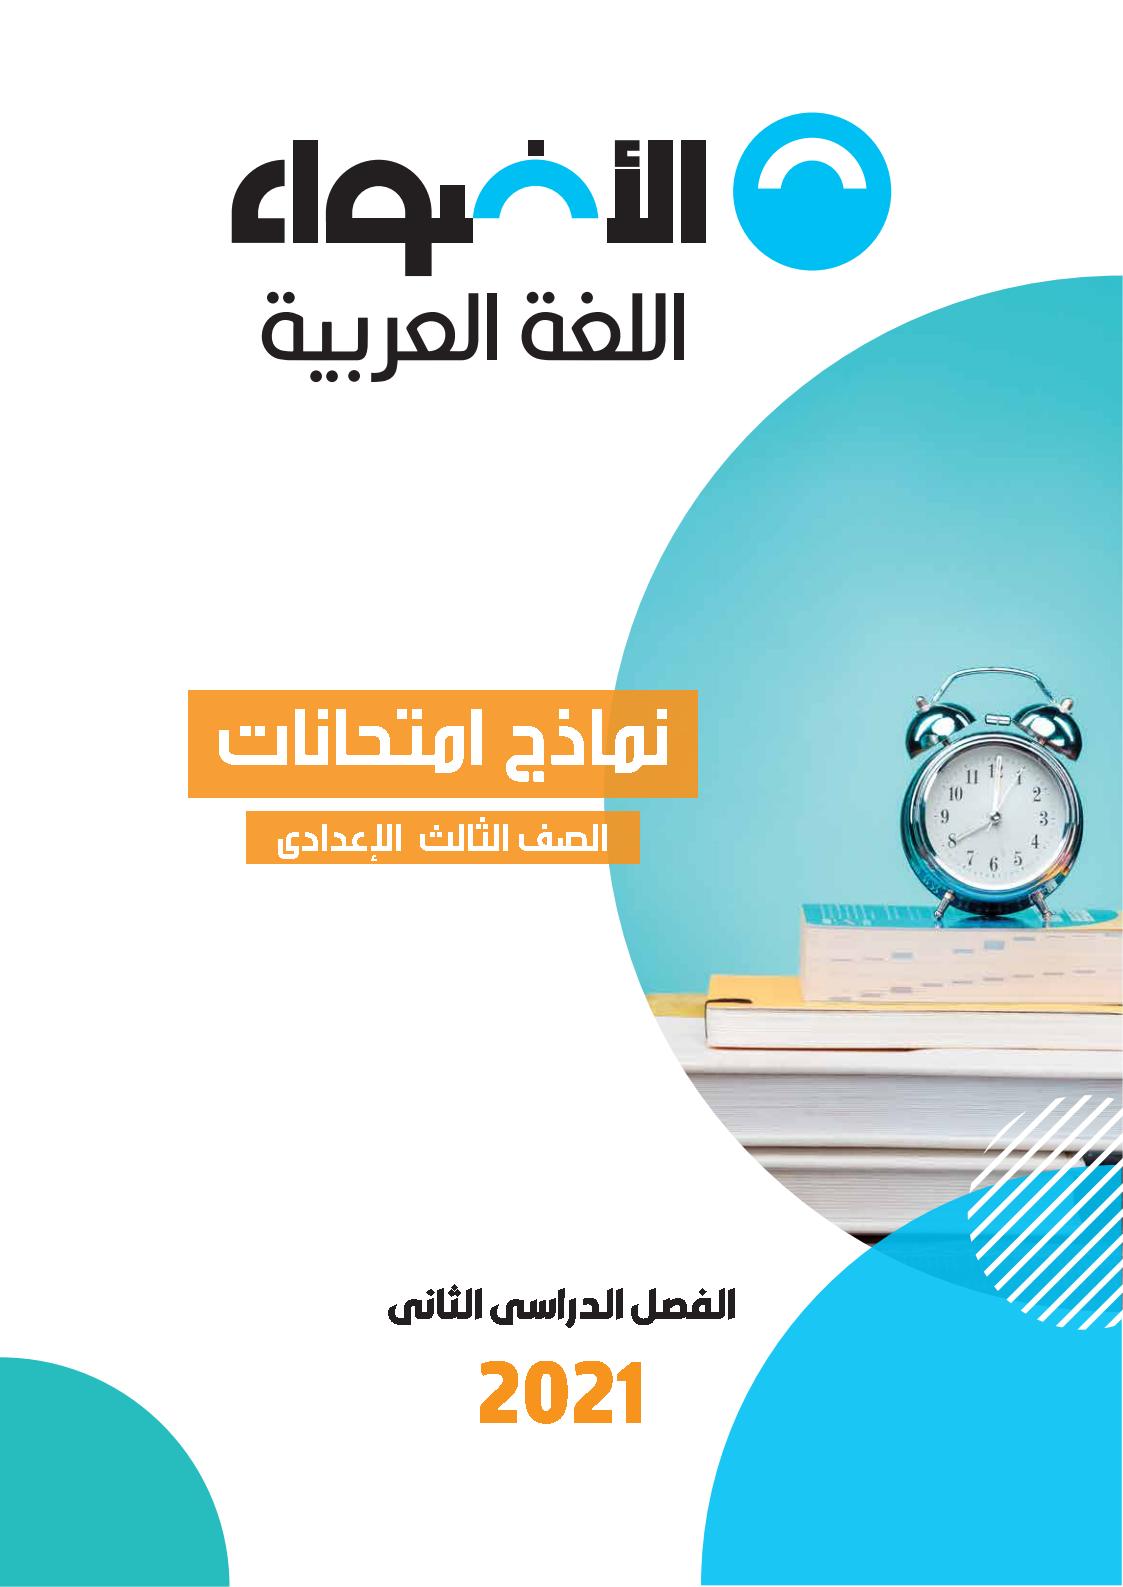 نماذج امتحانات الأضواء فى اللغة العربية مع نموذج اجابة للصف الثالث الإعدادى الترم الثانى 2021